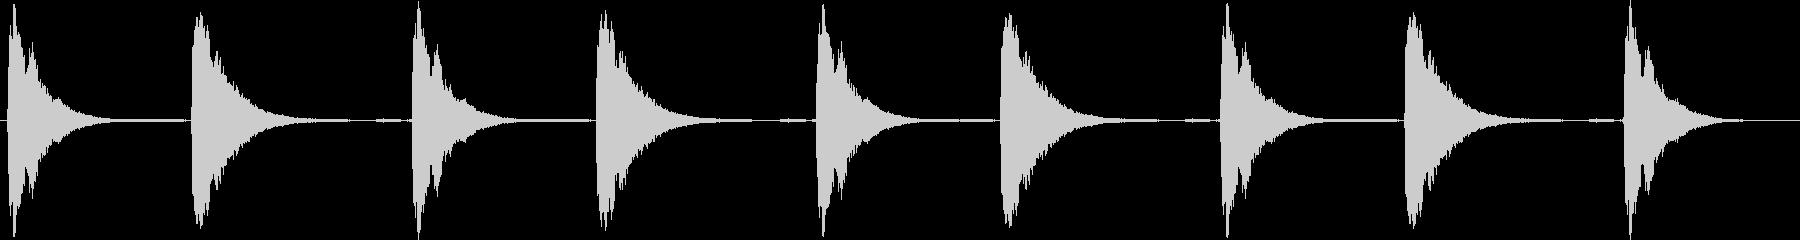 アンティークトレイン「オールアボー...の未再生の波形